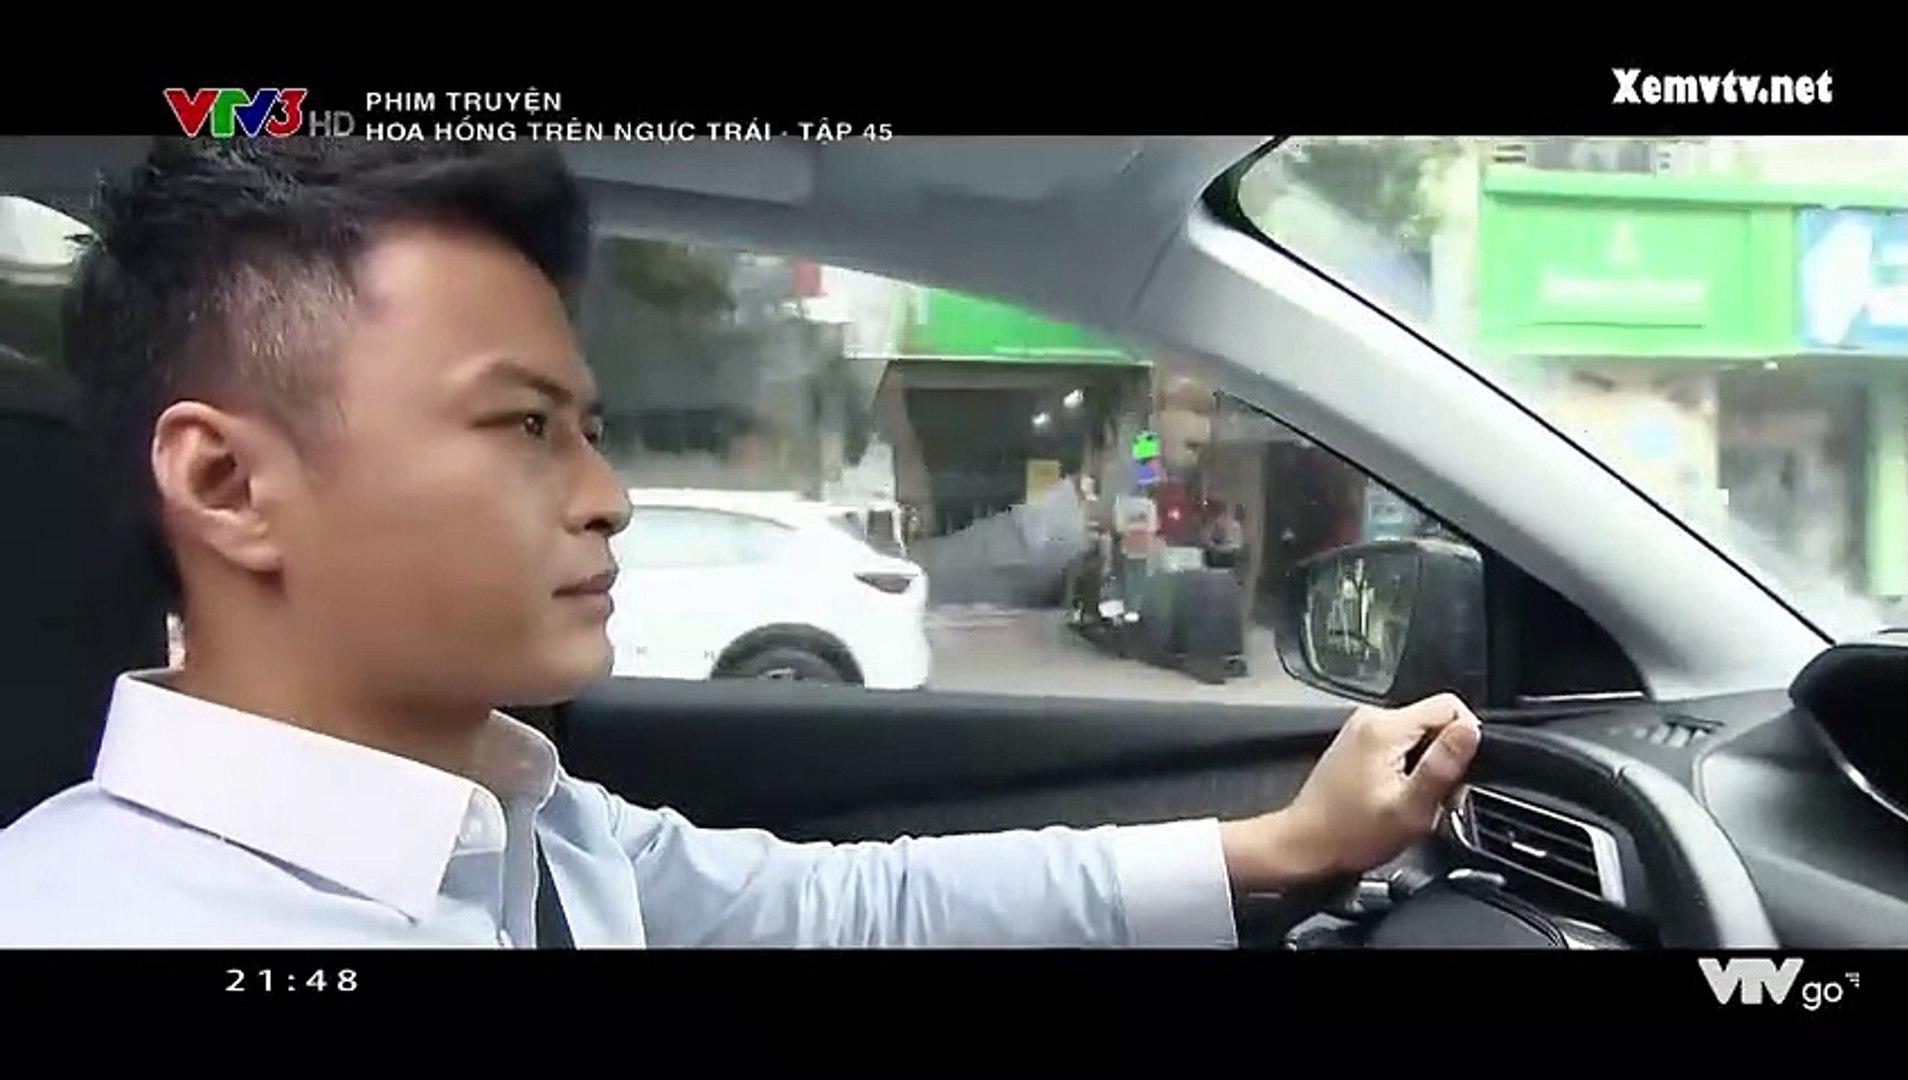 Hoa Hồng Trên Ngực Trái Tập 45 - VTV3 Việt Nam 2019 - XemPhimVTV-netTập 45